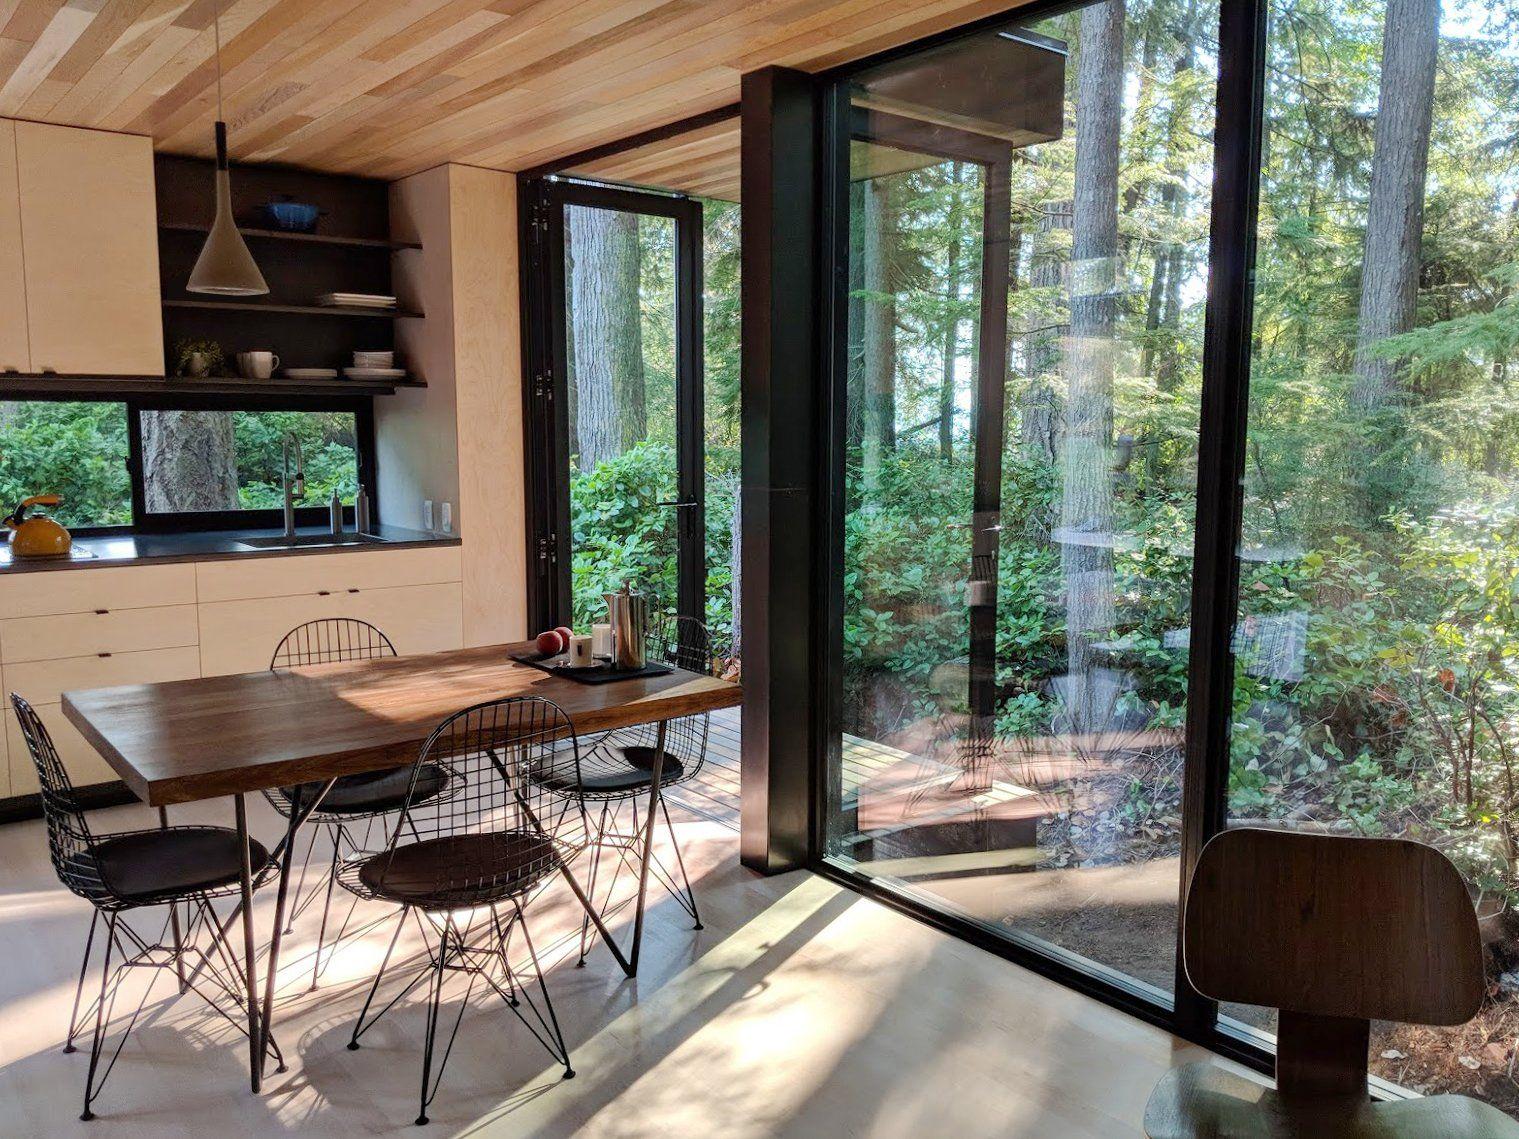 Sacramento Home Eco-Friendlier